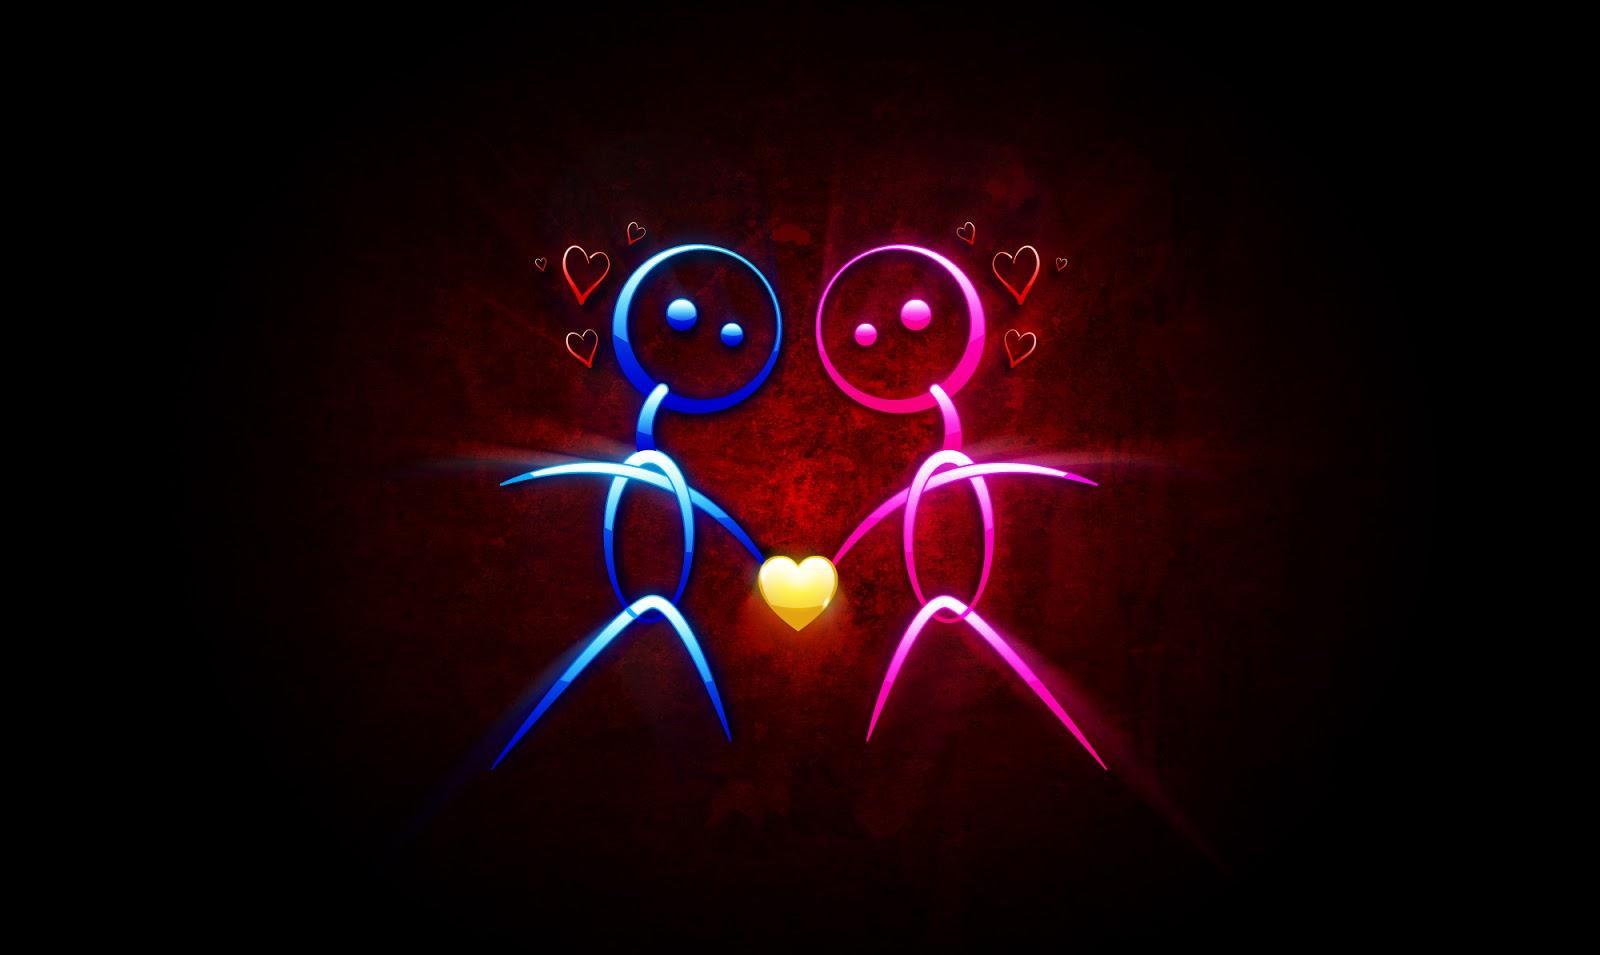 Imágenes de parejas haciendo el amor con frases